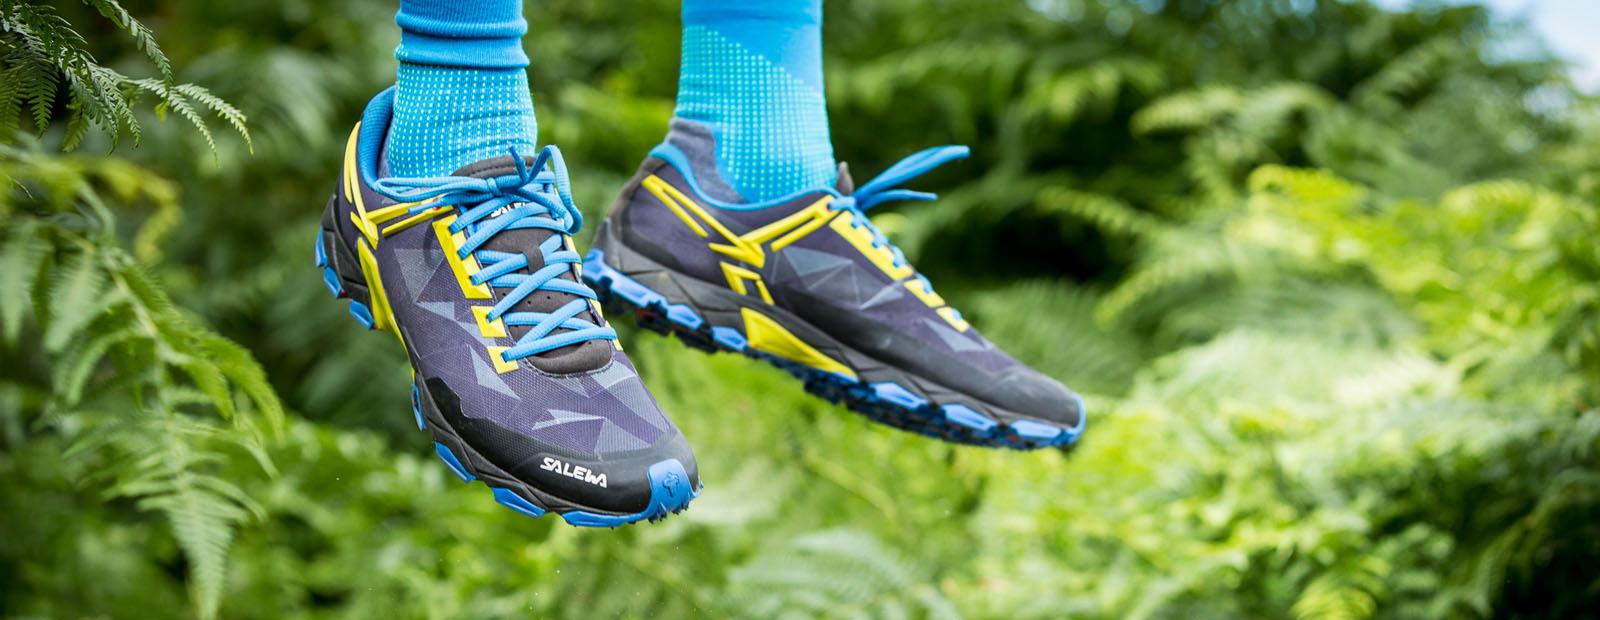 Надійні, зручні, легкі: професійний огляд бігових кросівок Salewa MS Lite Train